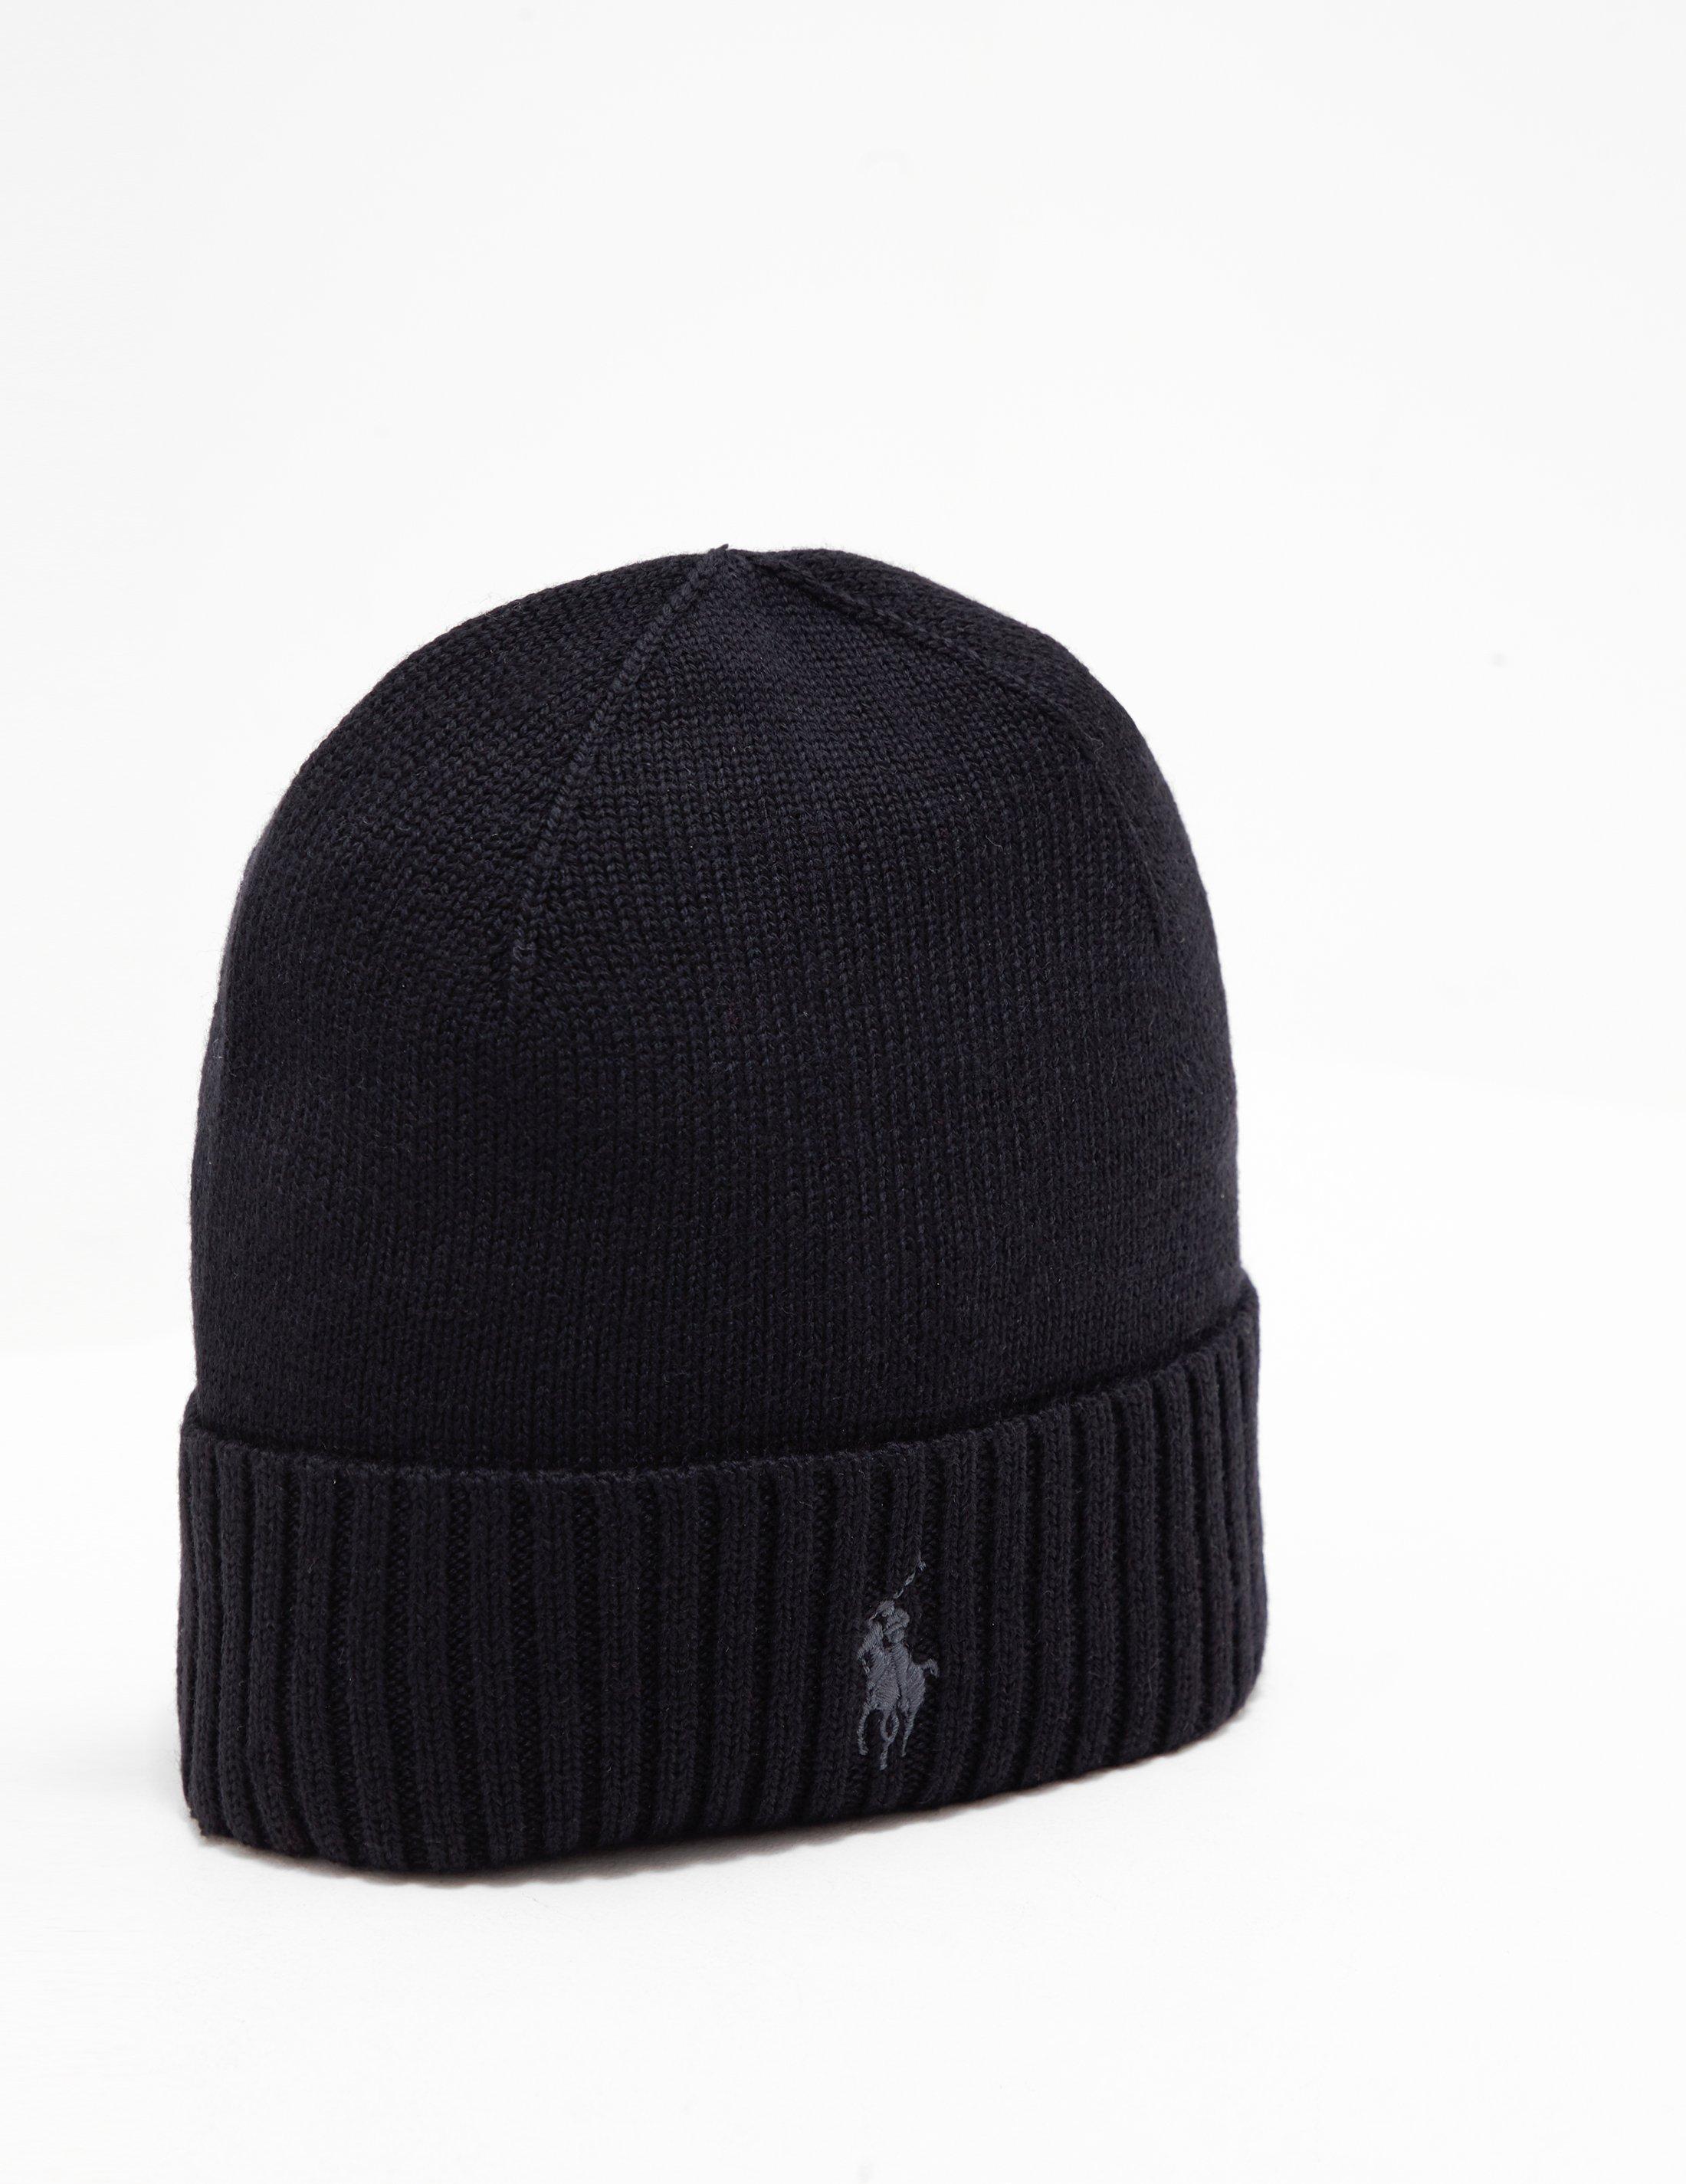 Lyst - Polo Ralph Lauren Mens Logo Beanie Black in Black for Men c57c06172326